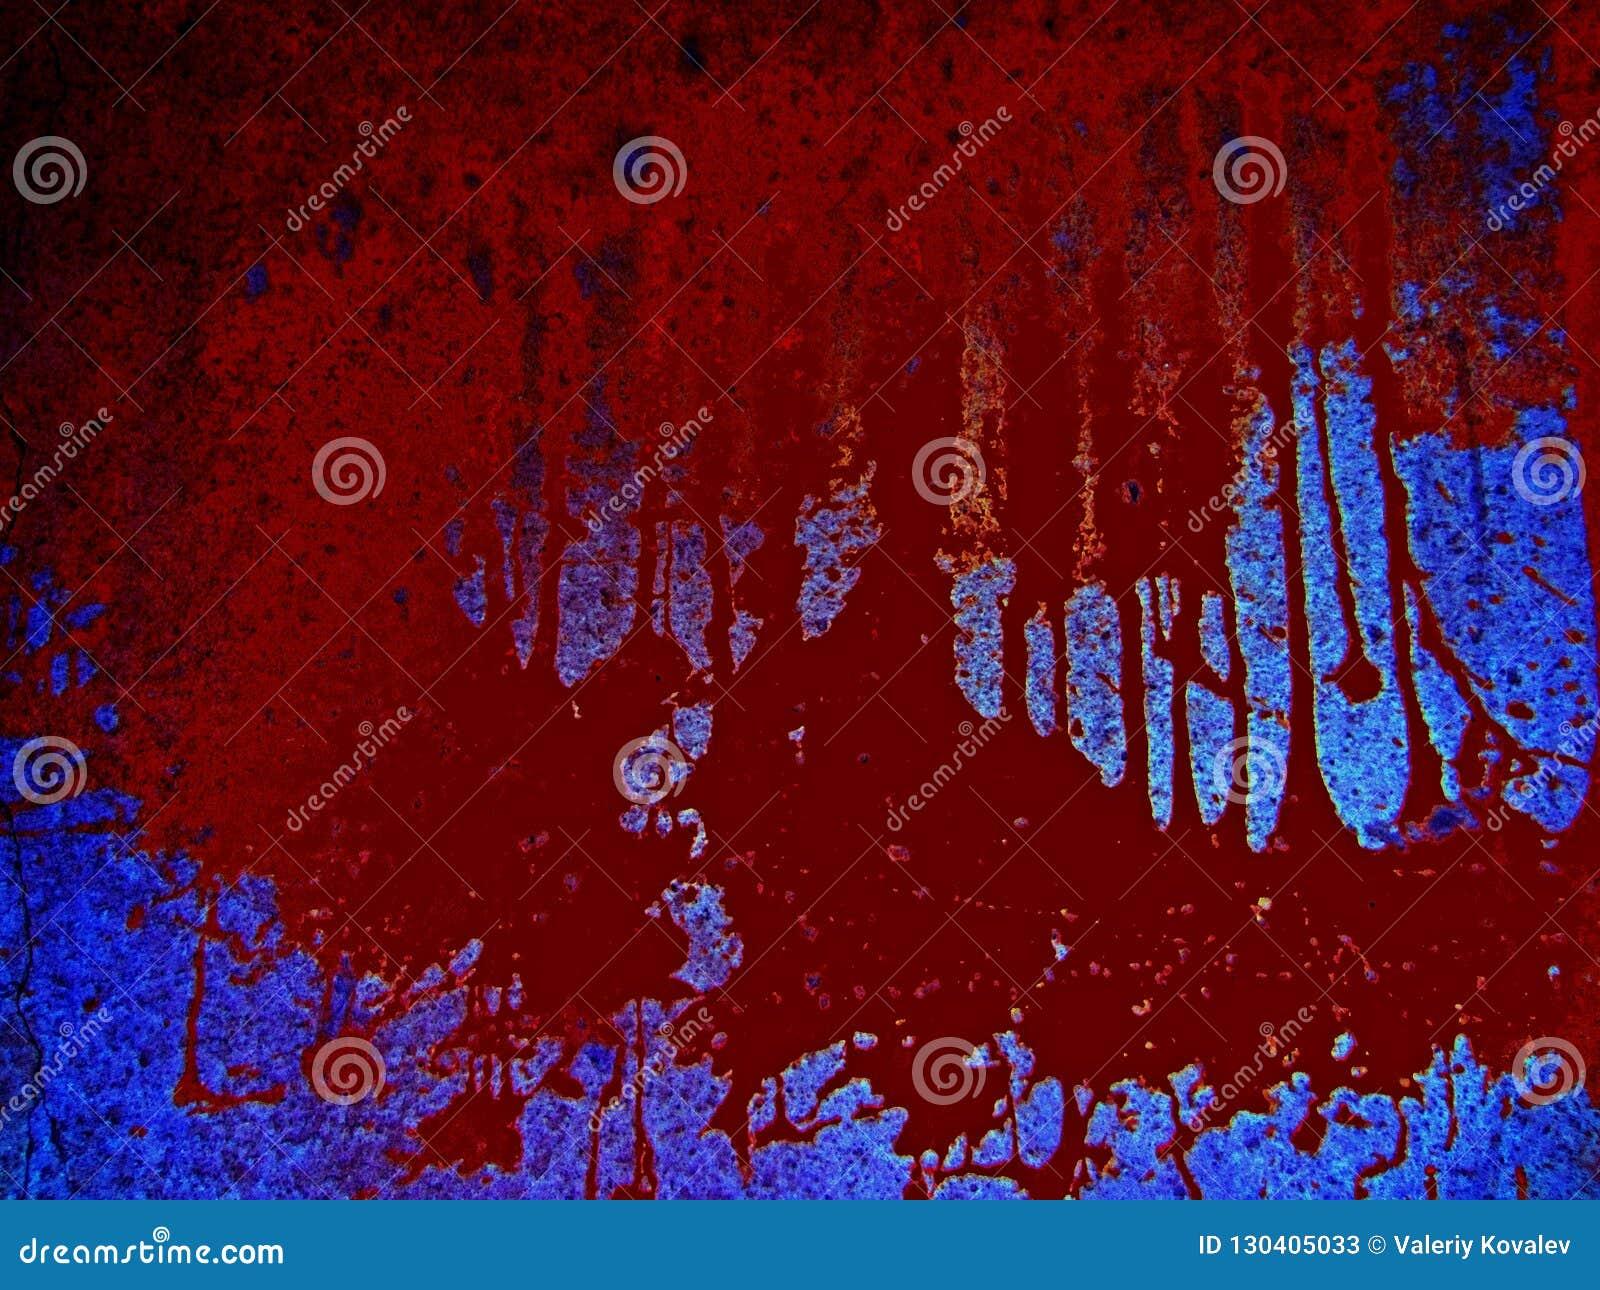 Furchtsamer blutiger Hintergrund Gefahr, eine Pfütze des Bluts auf einem blauen Hintergrund, braune Stellen des Blutvergießens